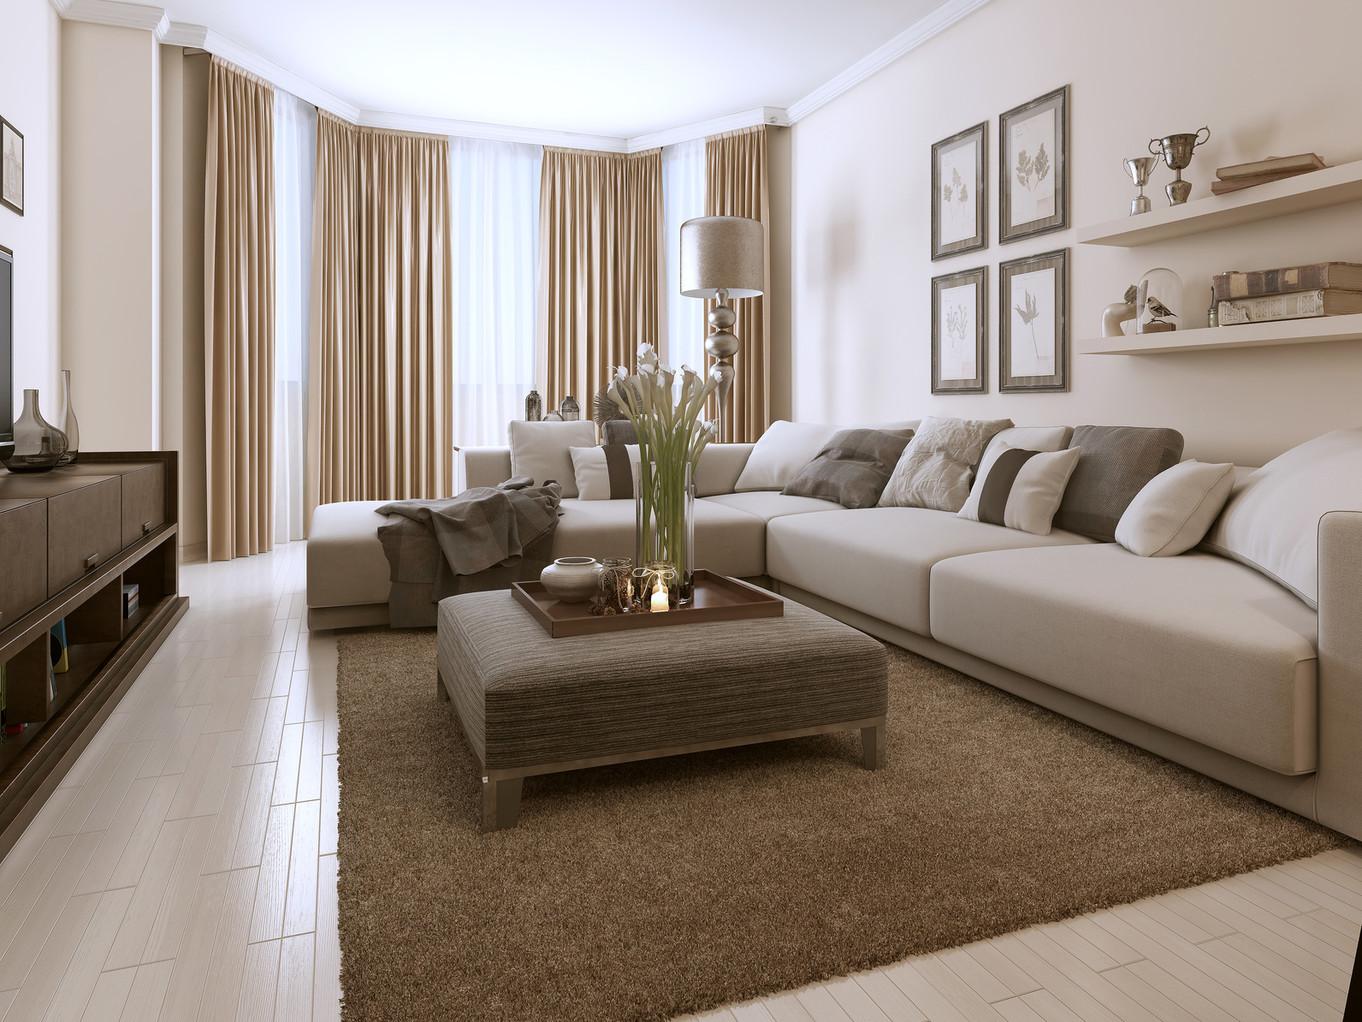 Wohnzimmer Amerikanischer Stil sdatec.com